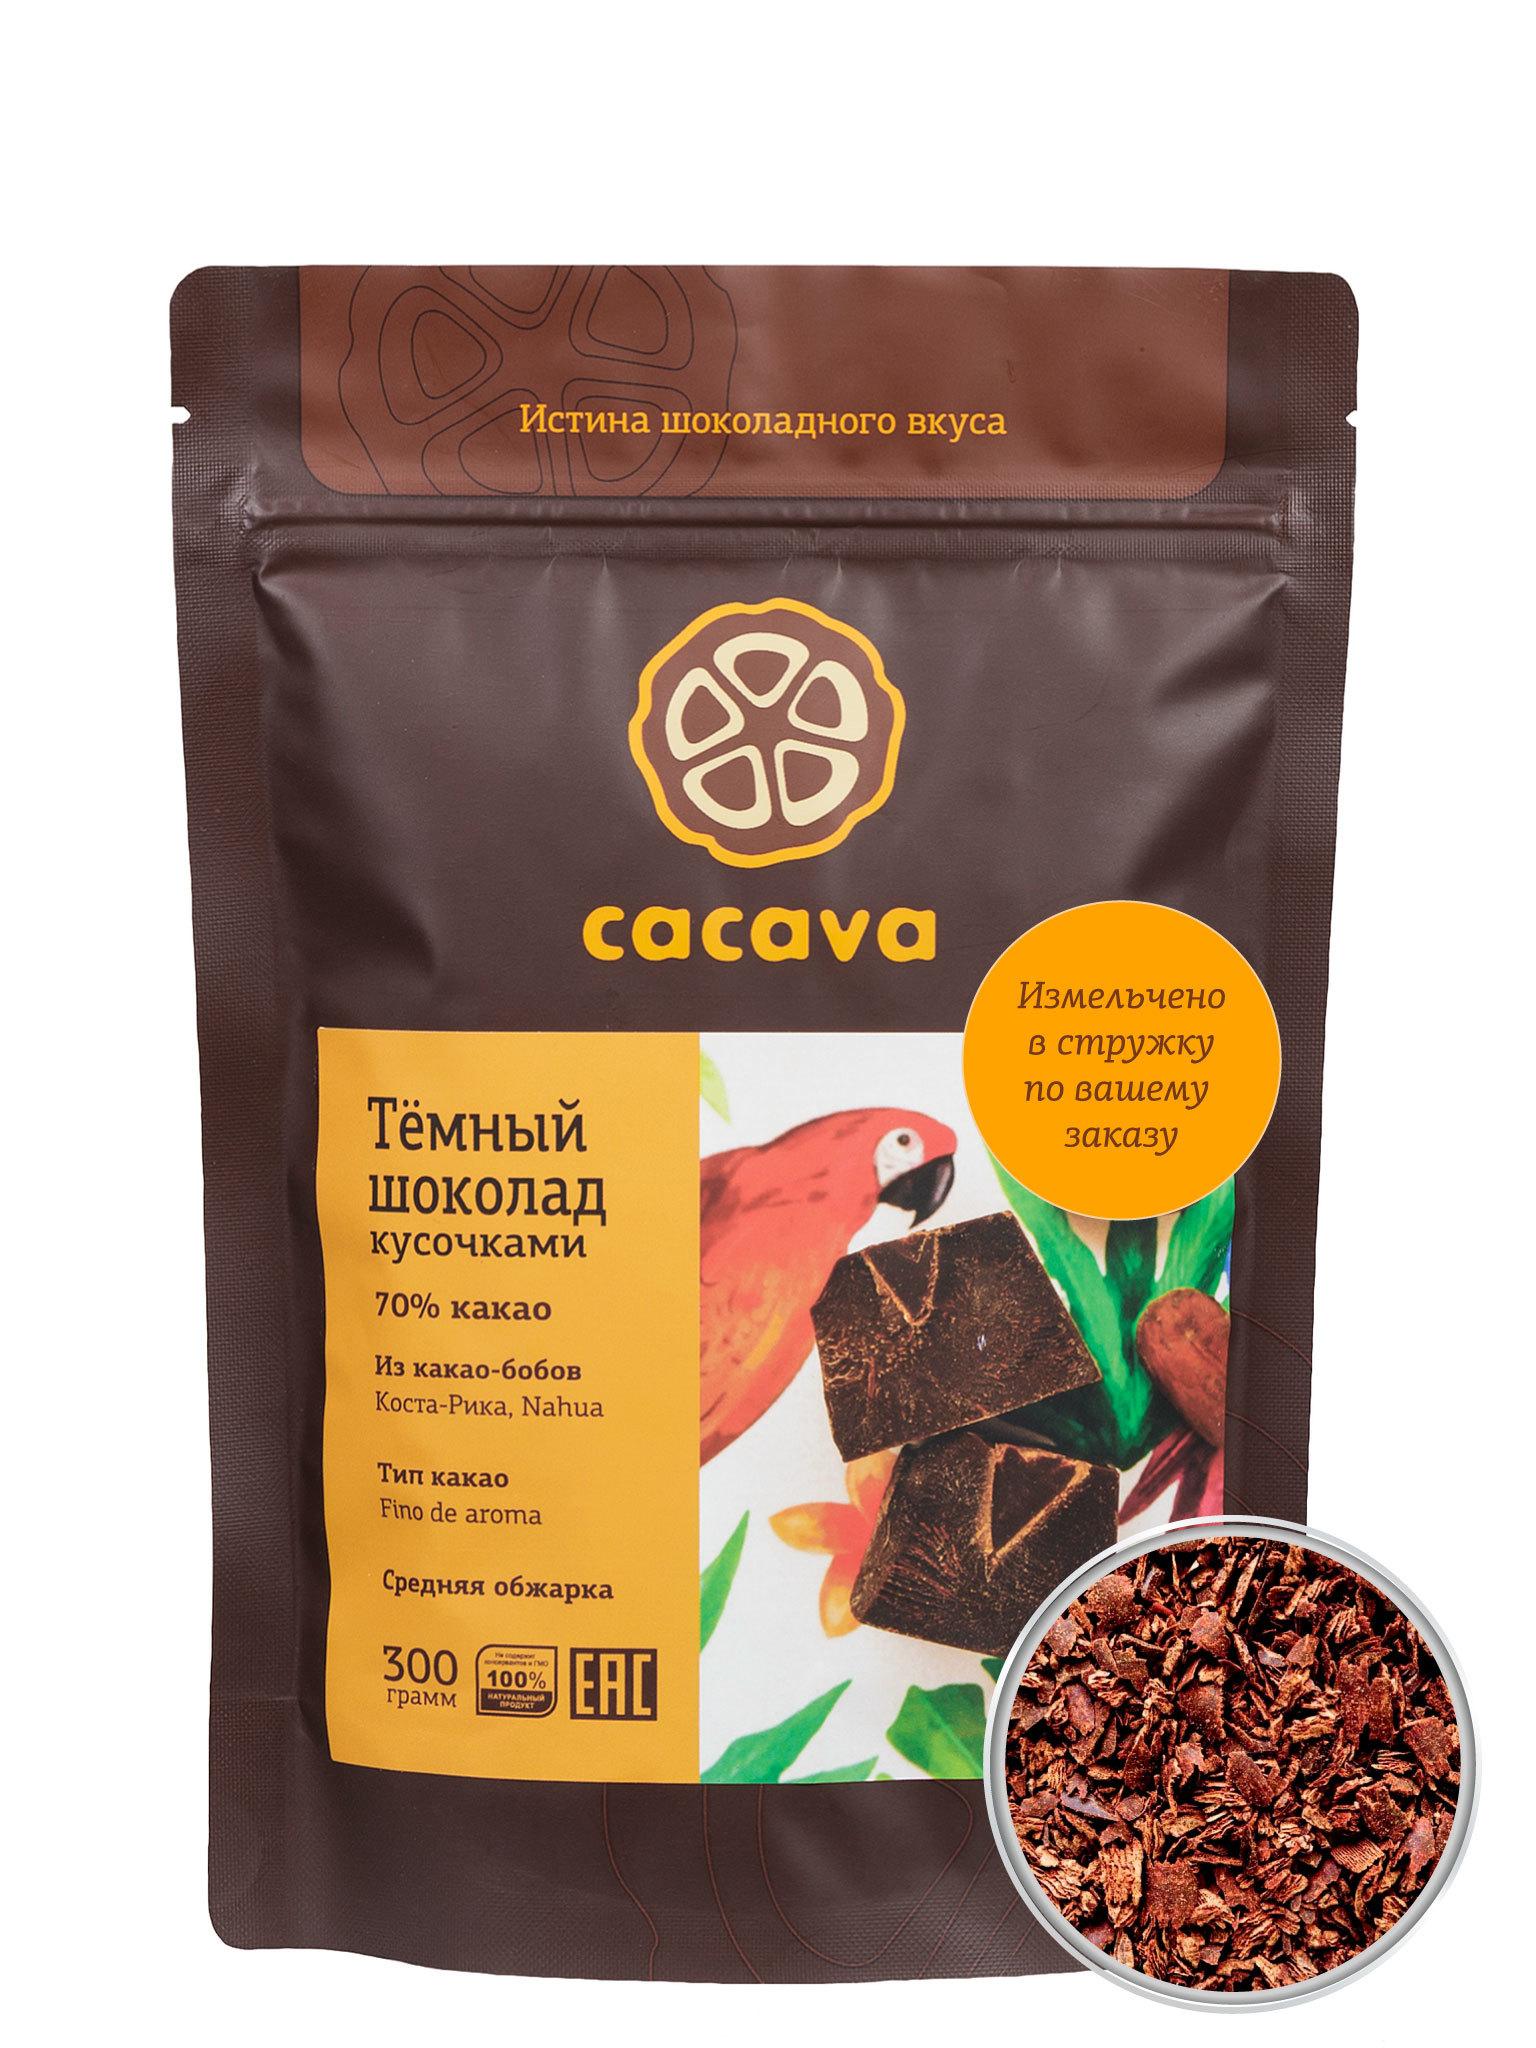 Тёмный шоколад 70 % какао в стружке (Коста-Рика), упаковка 300 грамм